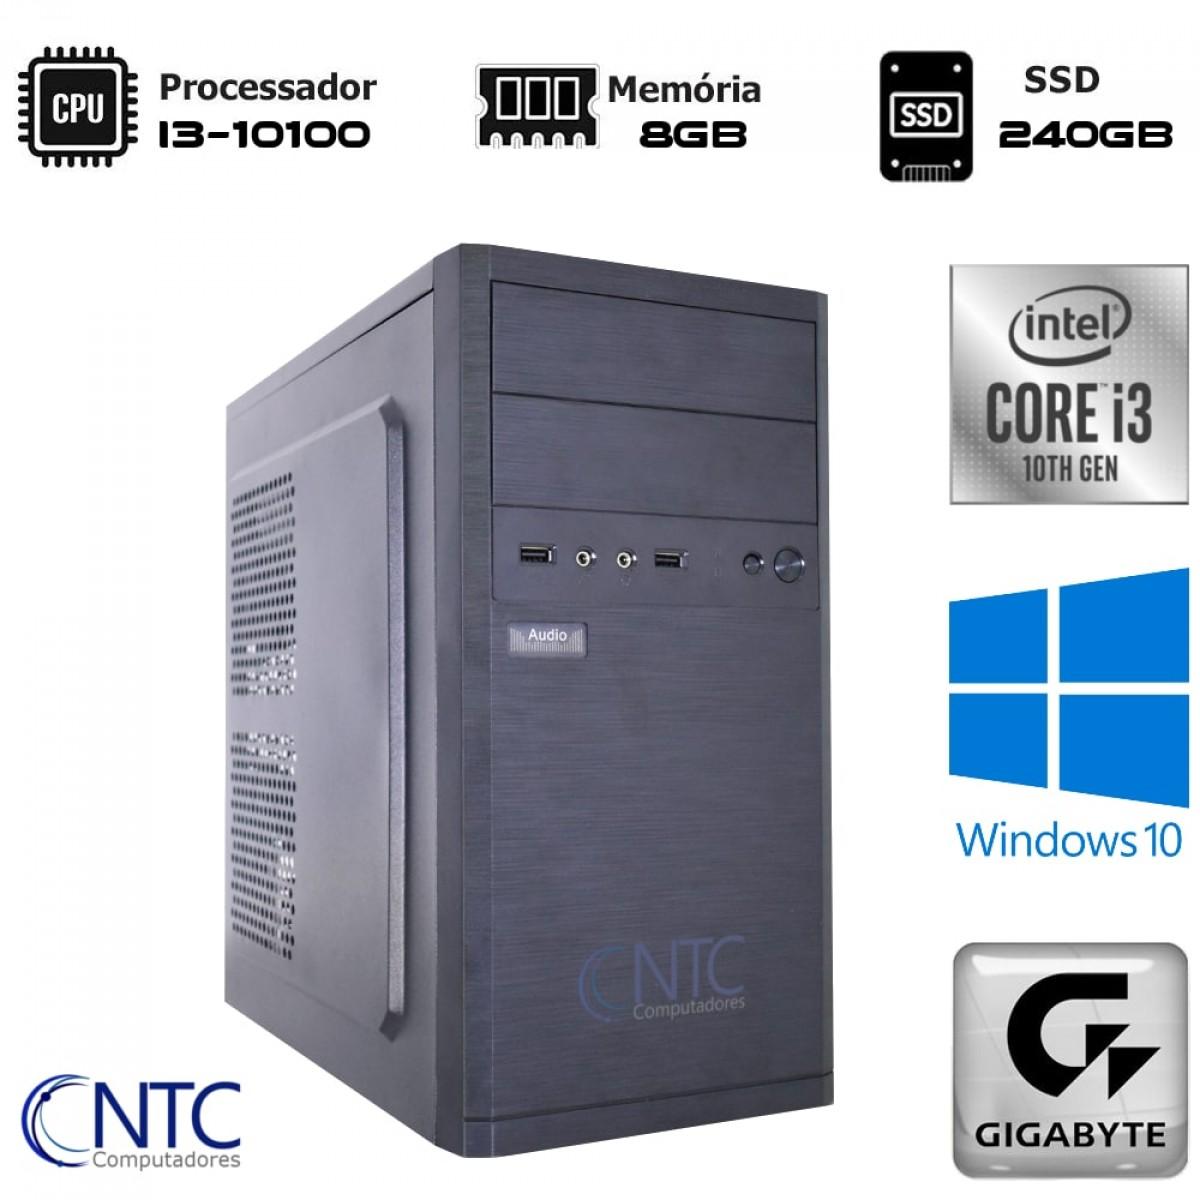 Computador NTC T-MOBA Intel i3 10100 / 8GB DDR4 / SSD 240GB / Windows 10 Pro